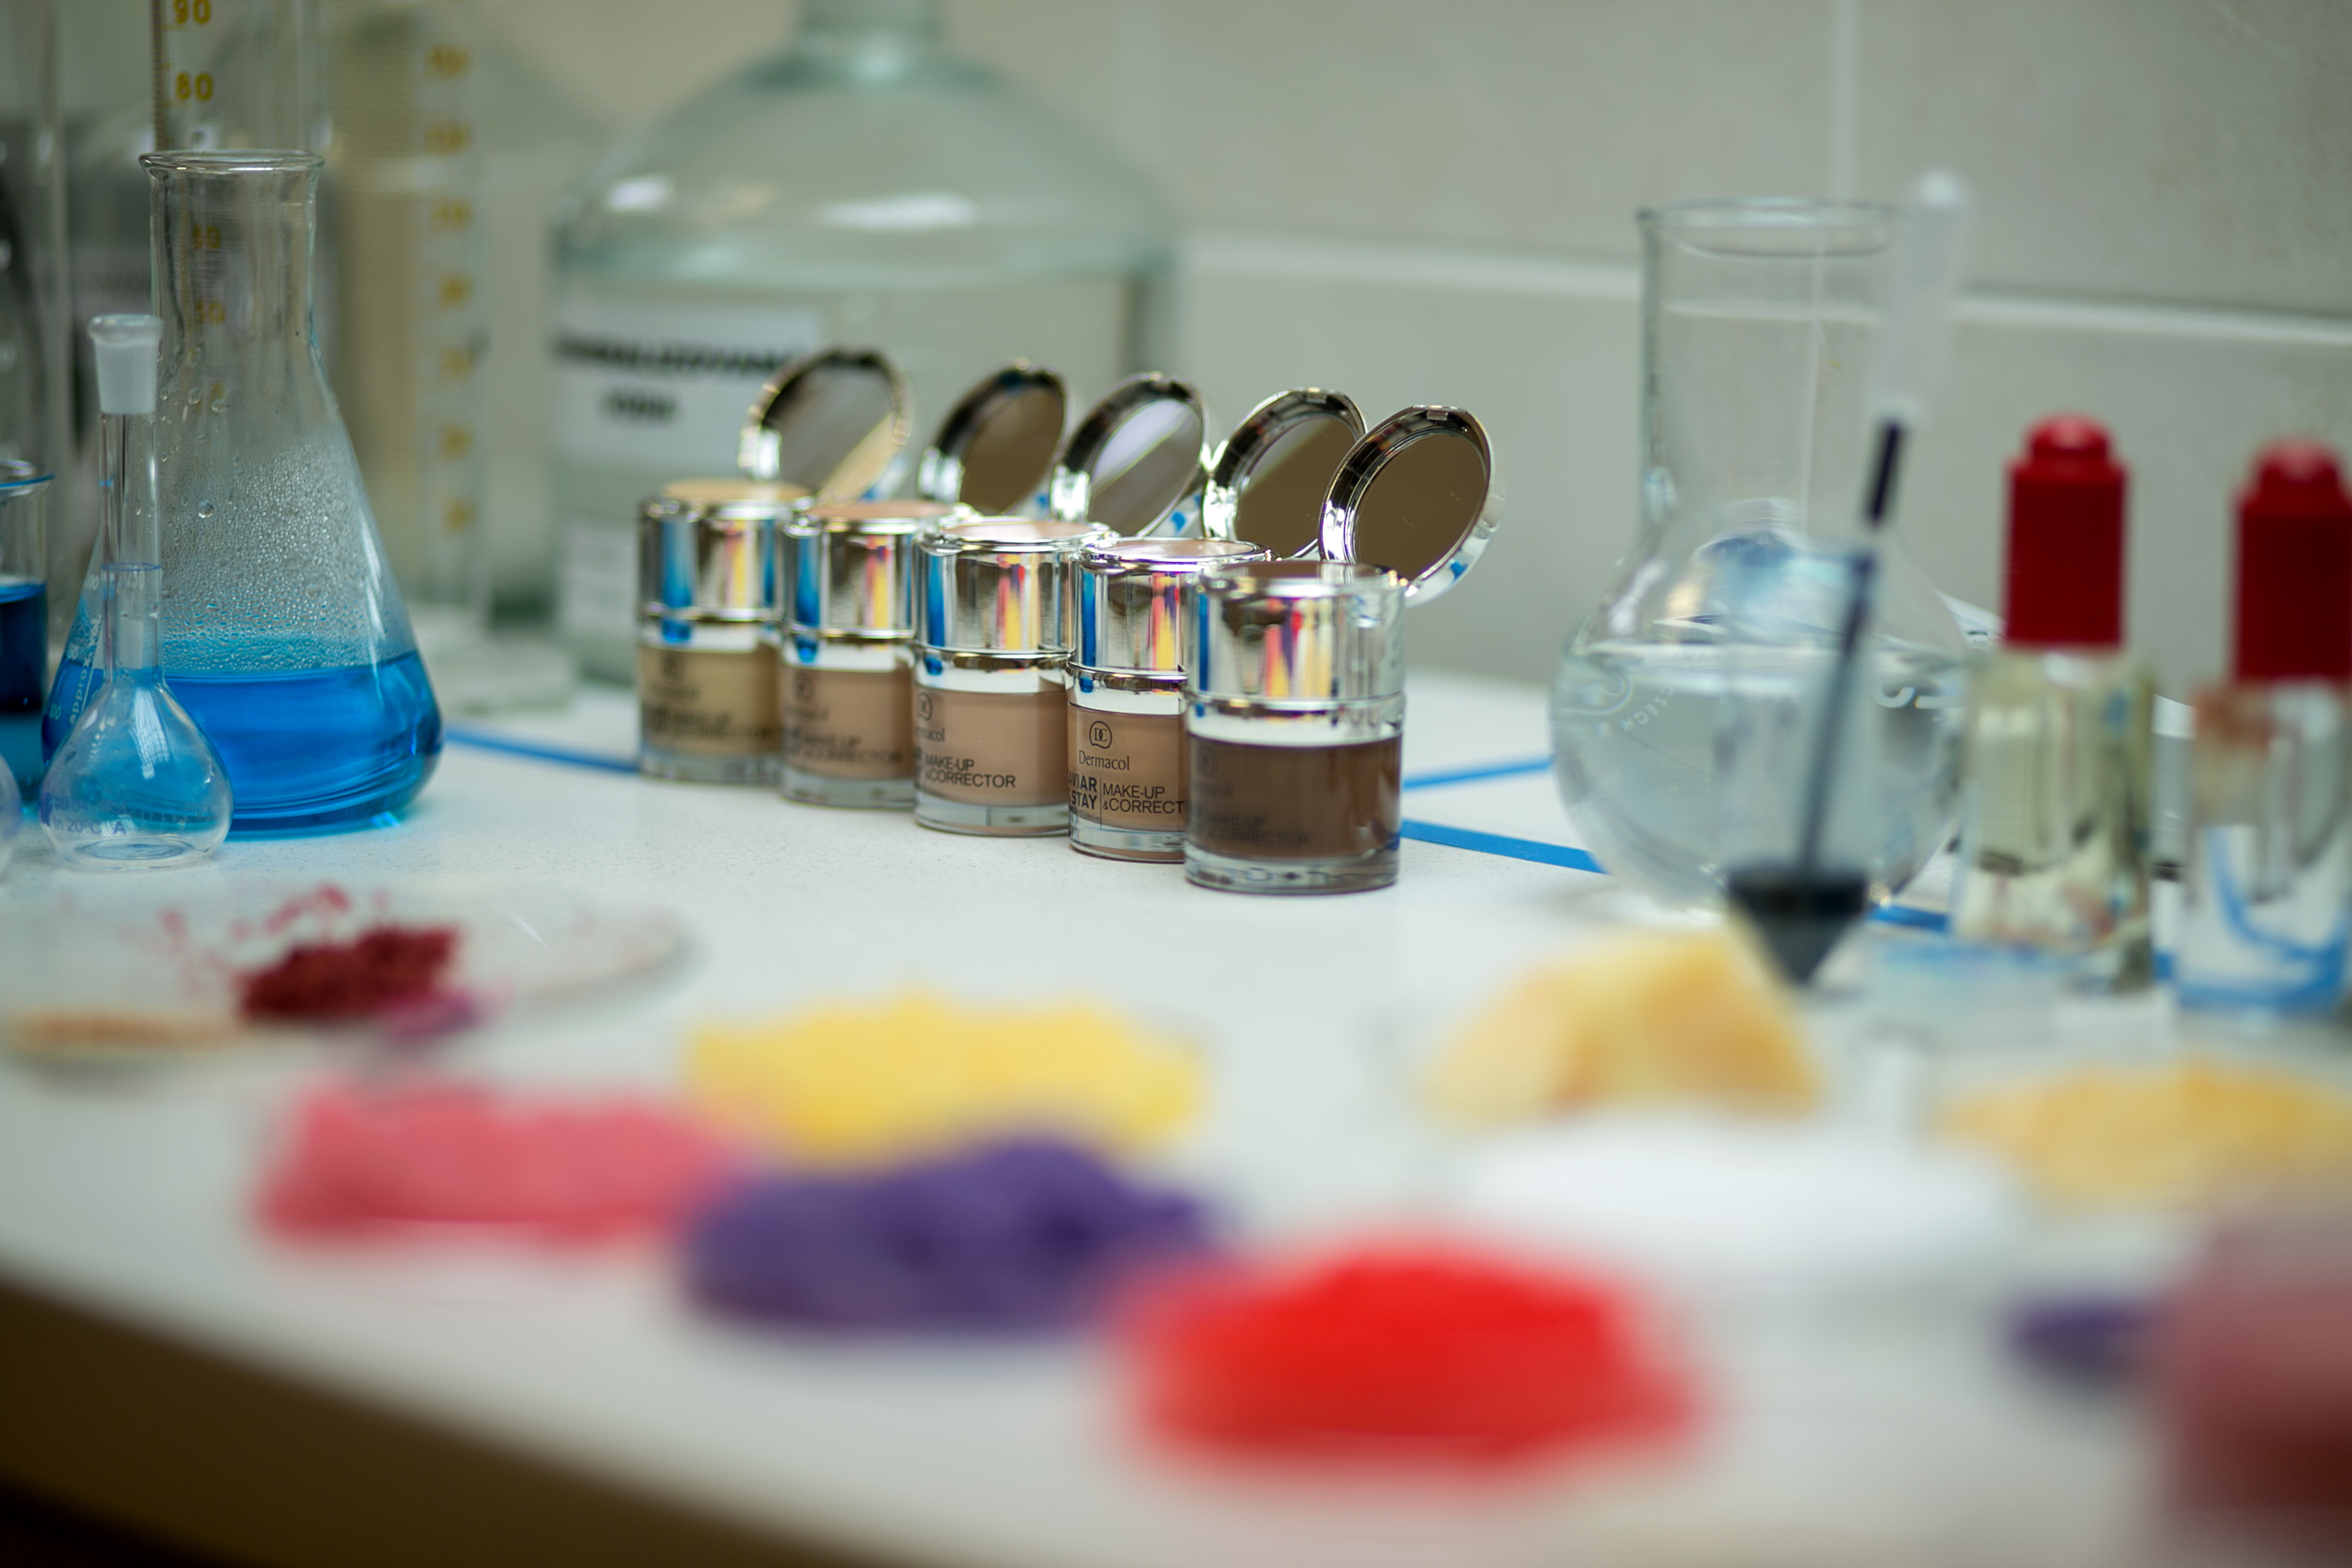 8_Pohled do laboratoře s barevnými pigmenty a make upy_foto Dermacol_ Jiří Sláma_repro zdarma